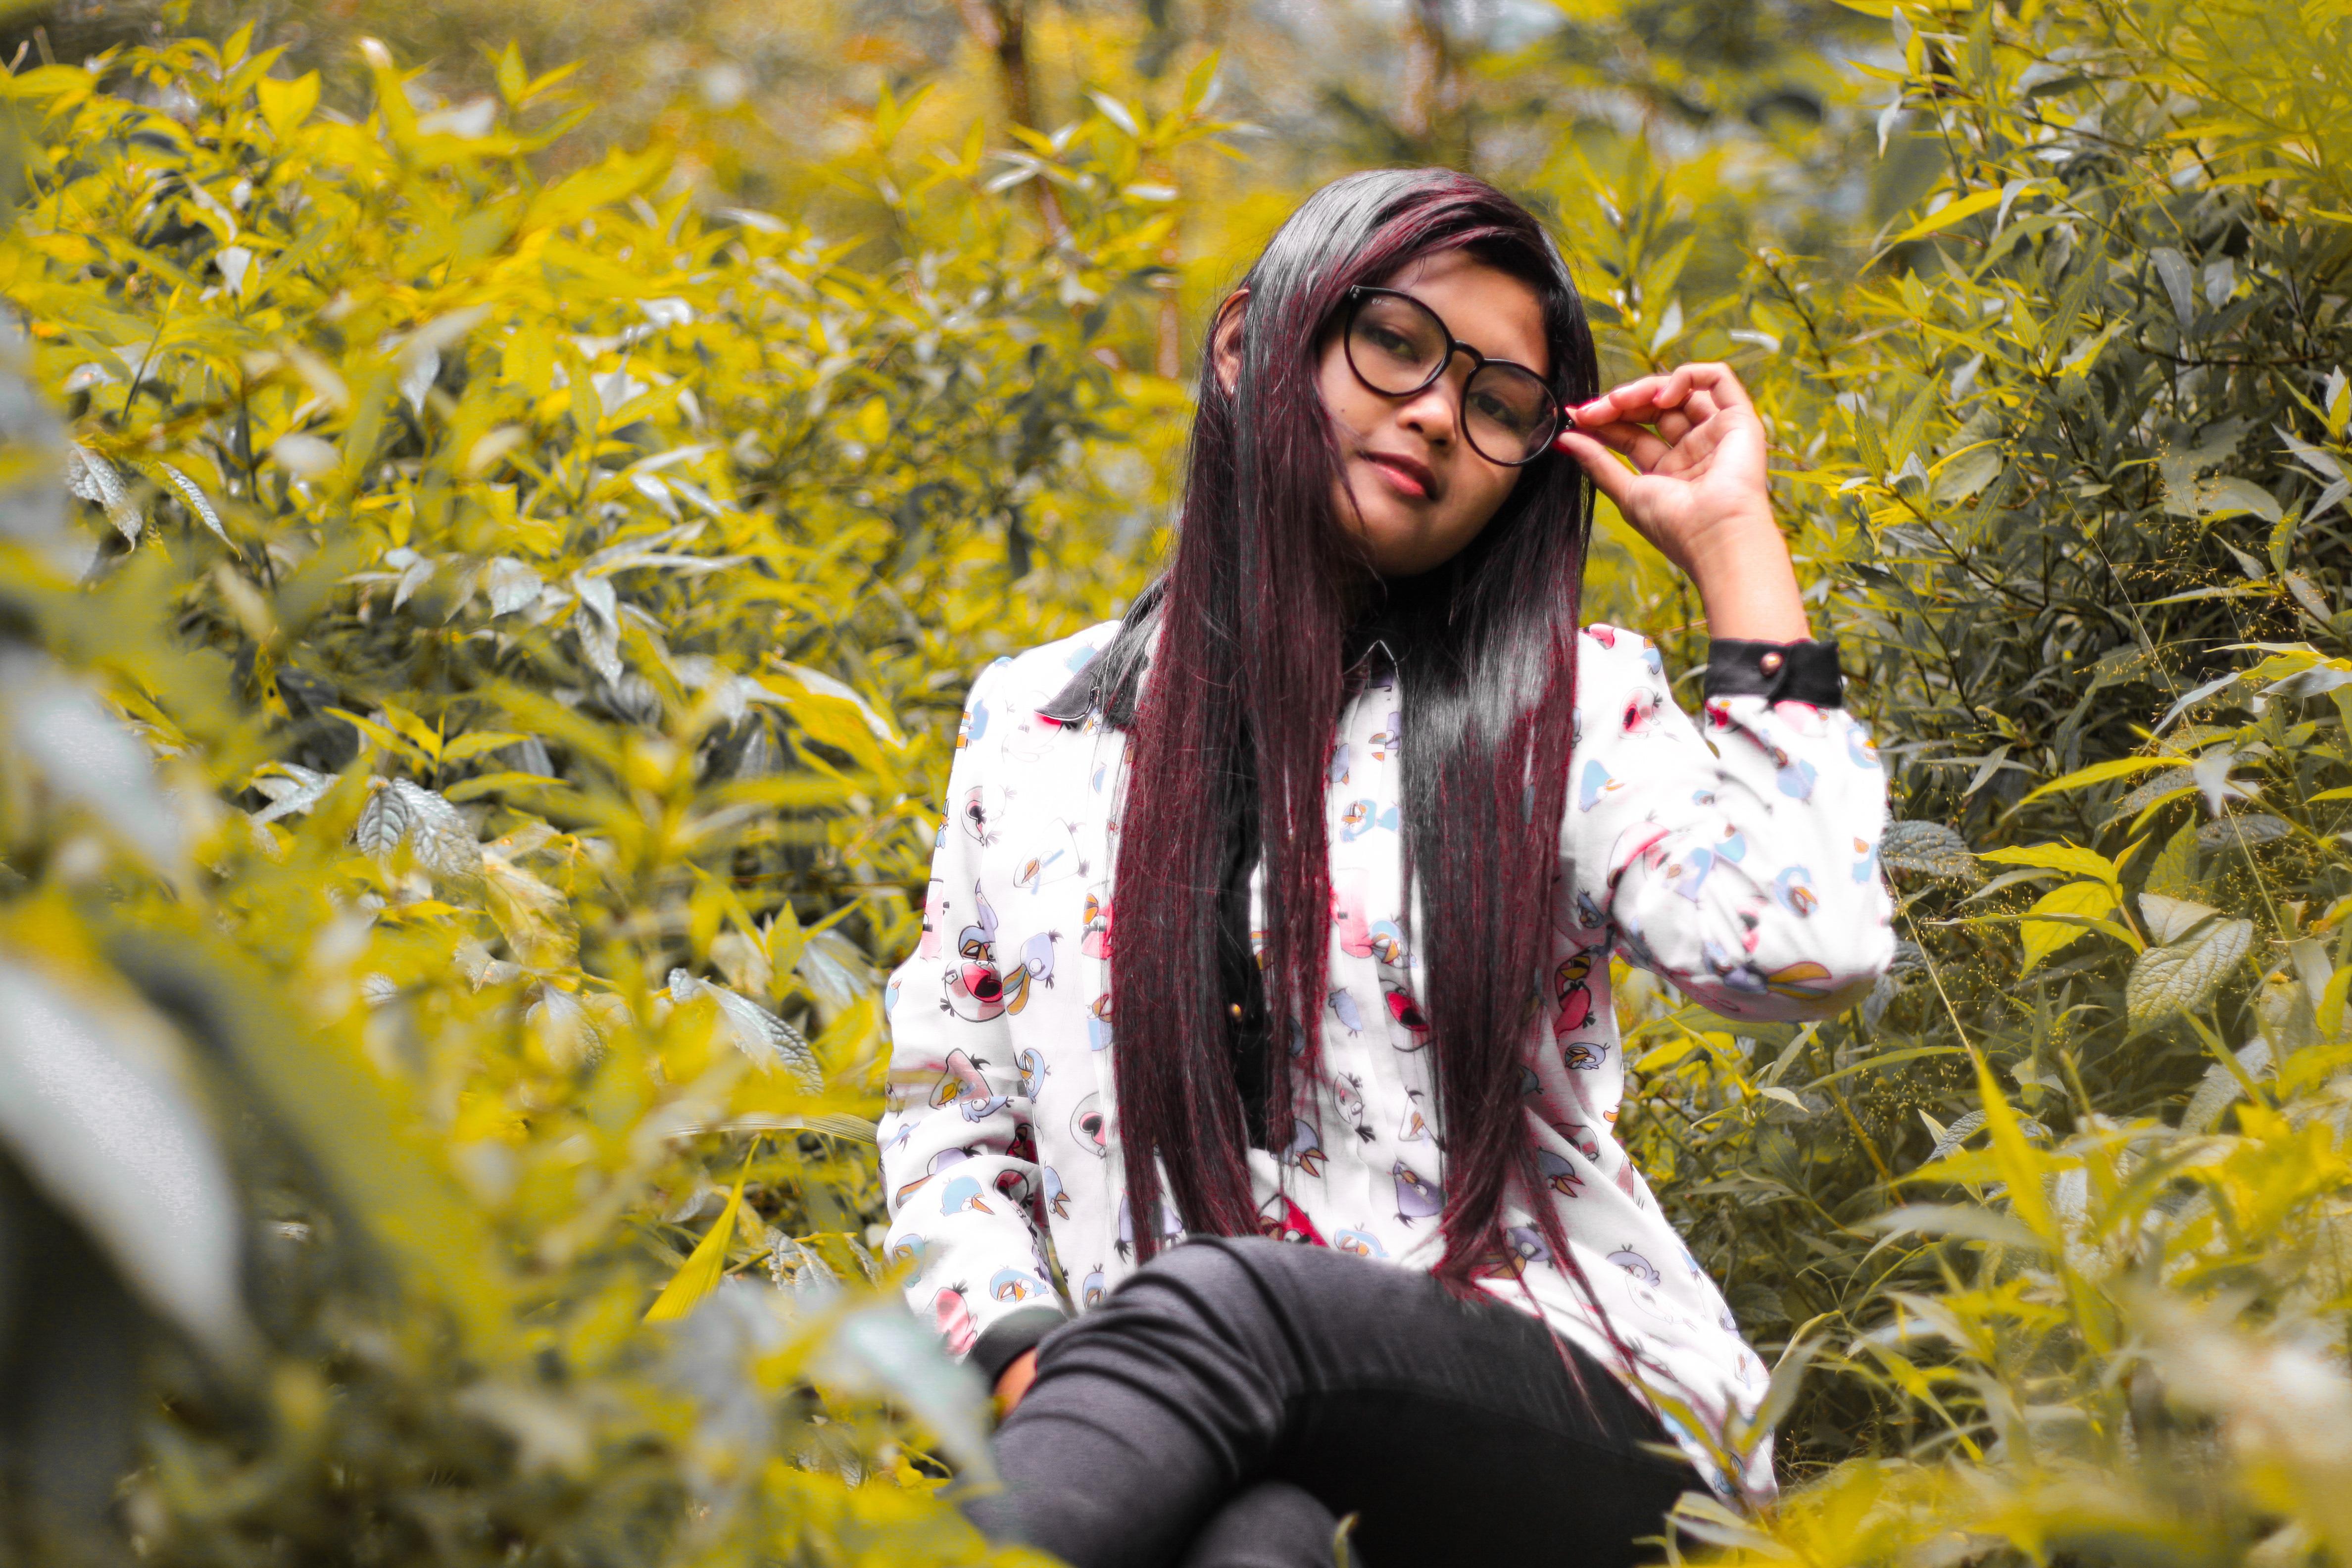 Poze Iarbă Persoană Oameni Plantă Fată Fotografie